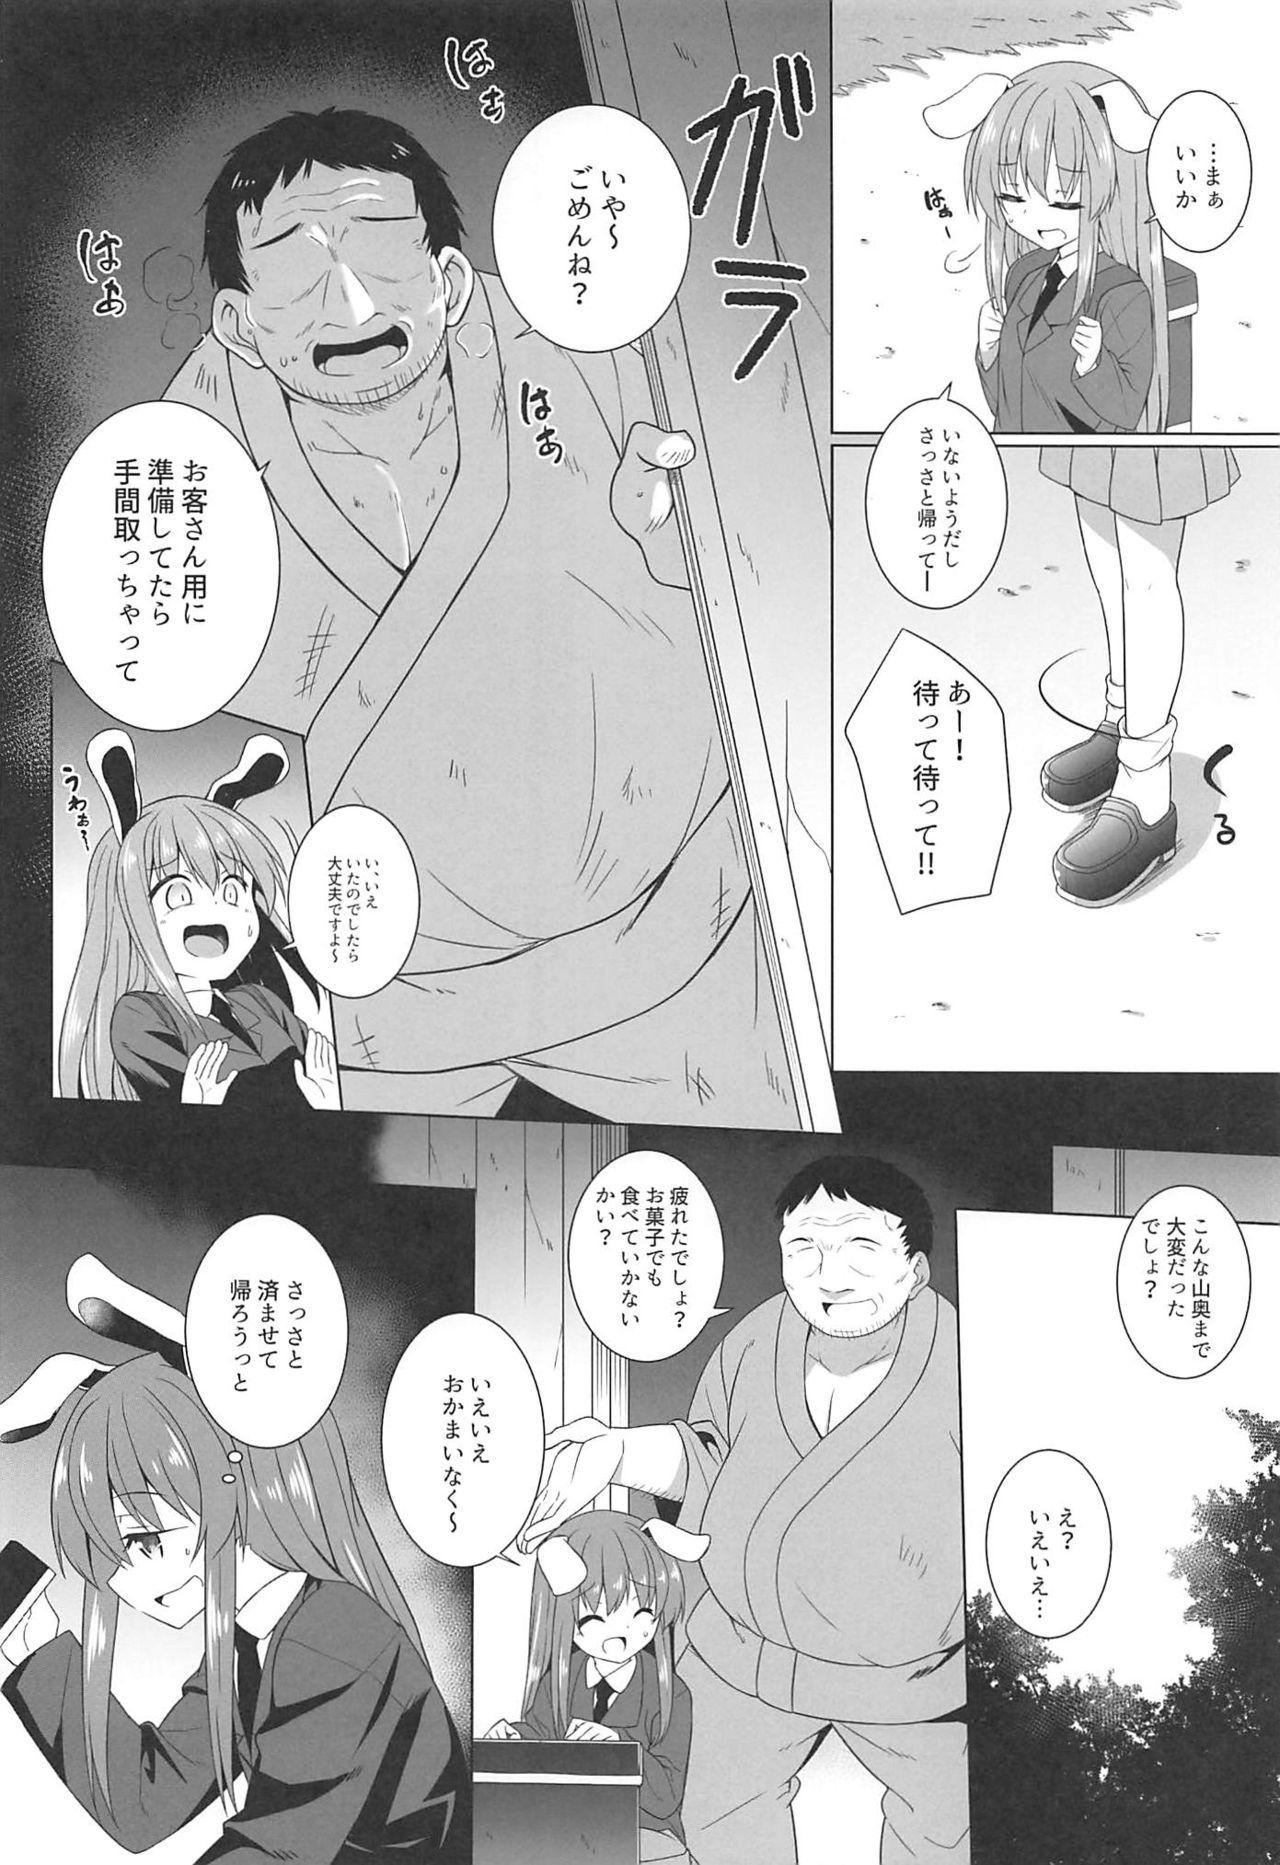 Tsukito Haramiki Udonge Kankin Haramase 2